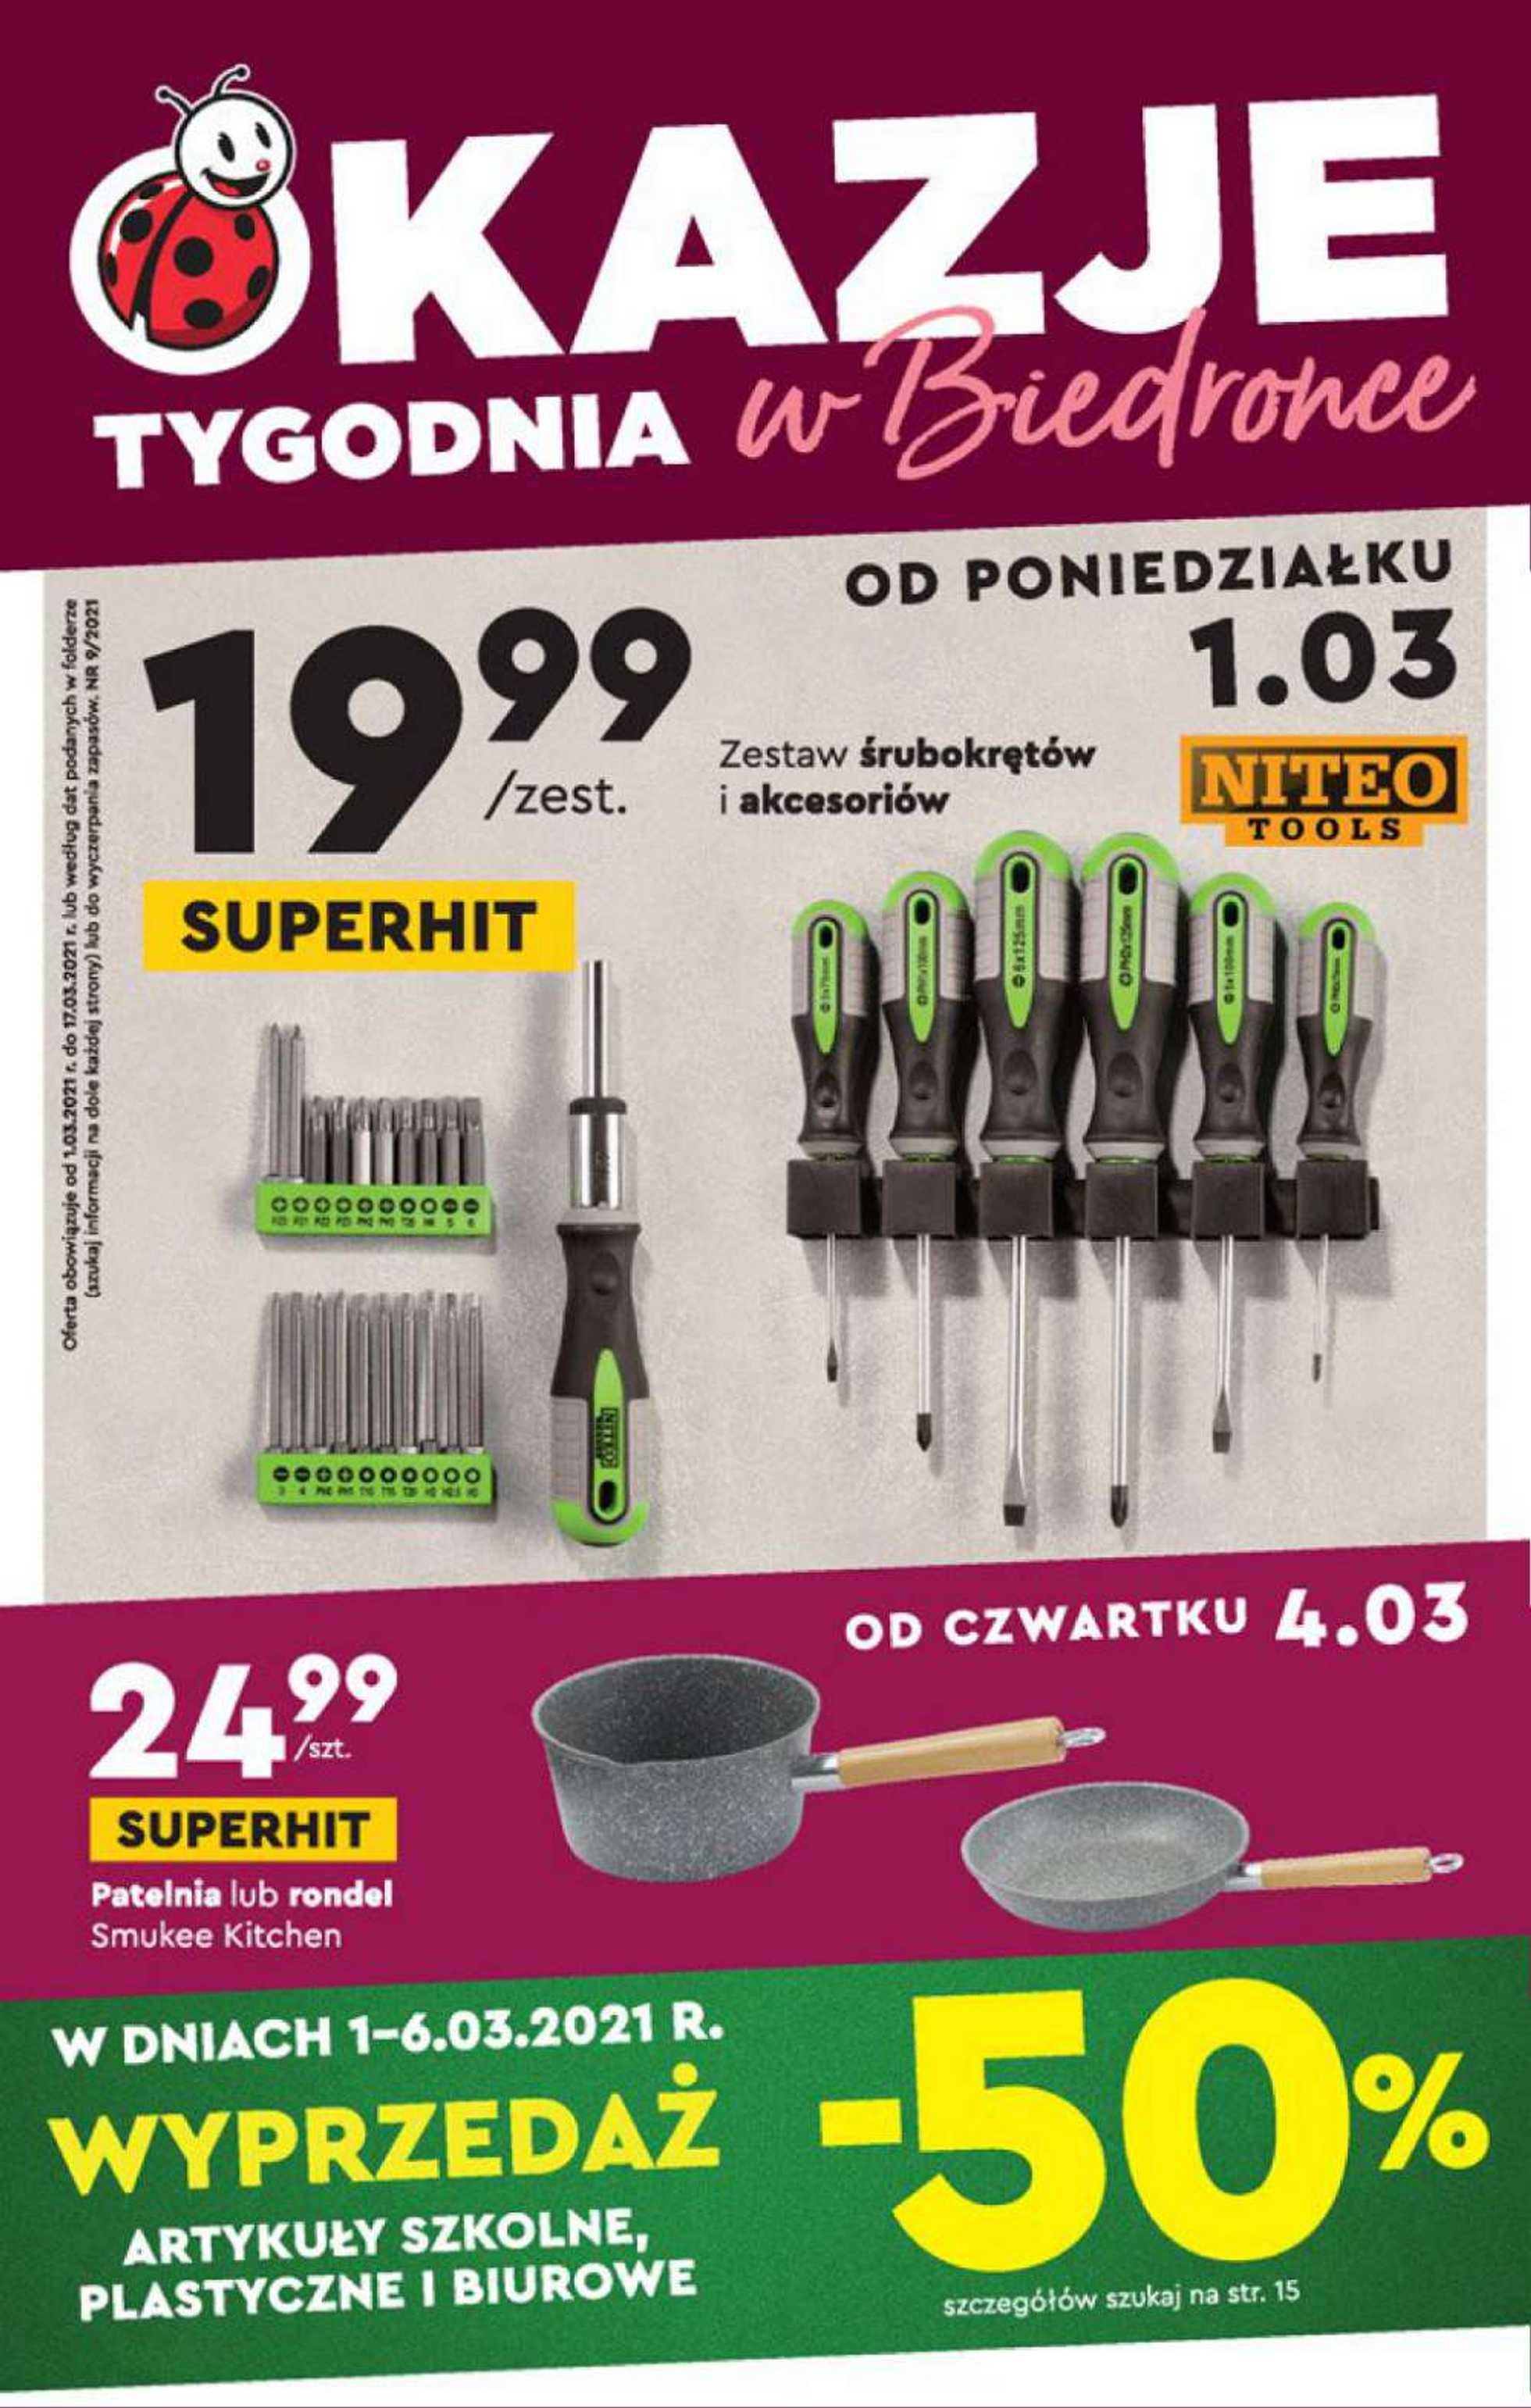 Biedronka - gazetka promocyjna ważna od 01.03.2021 do 15.03.2021 - strona 1.